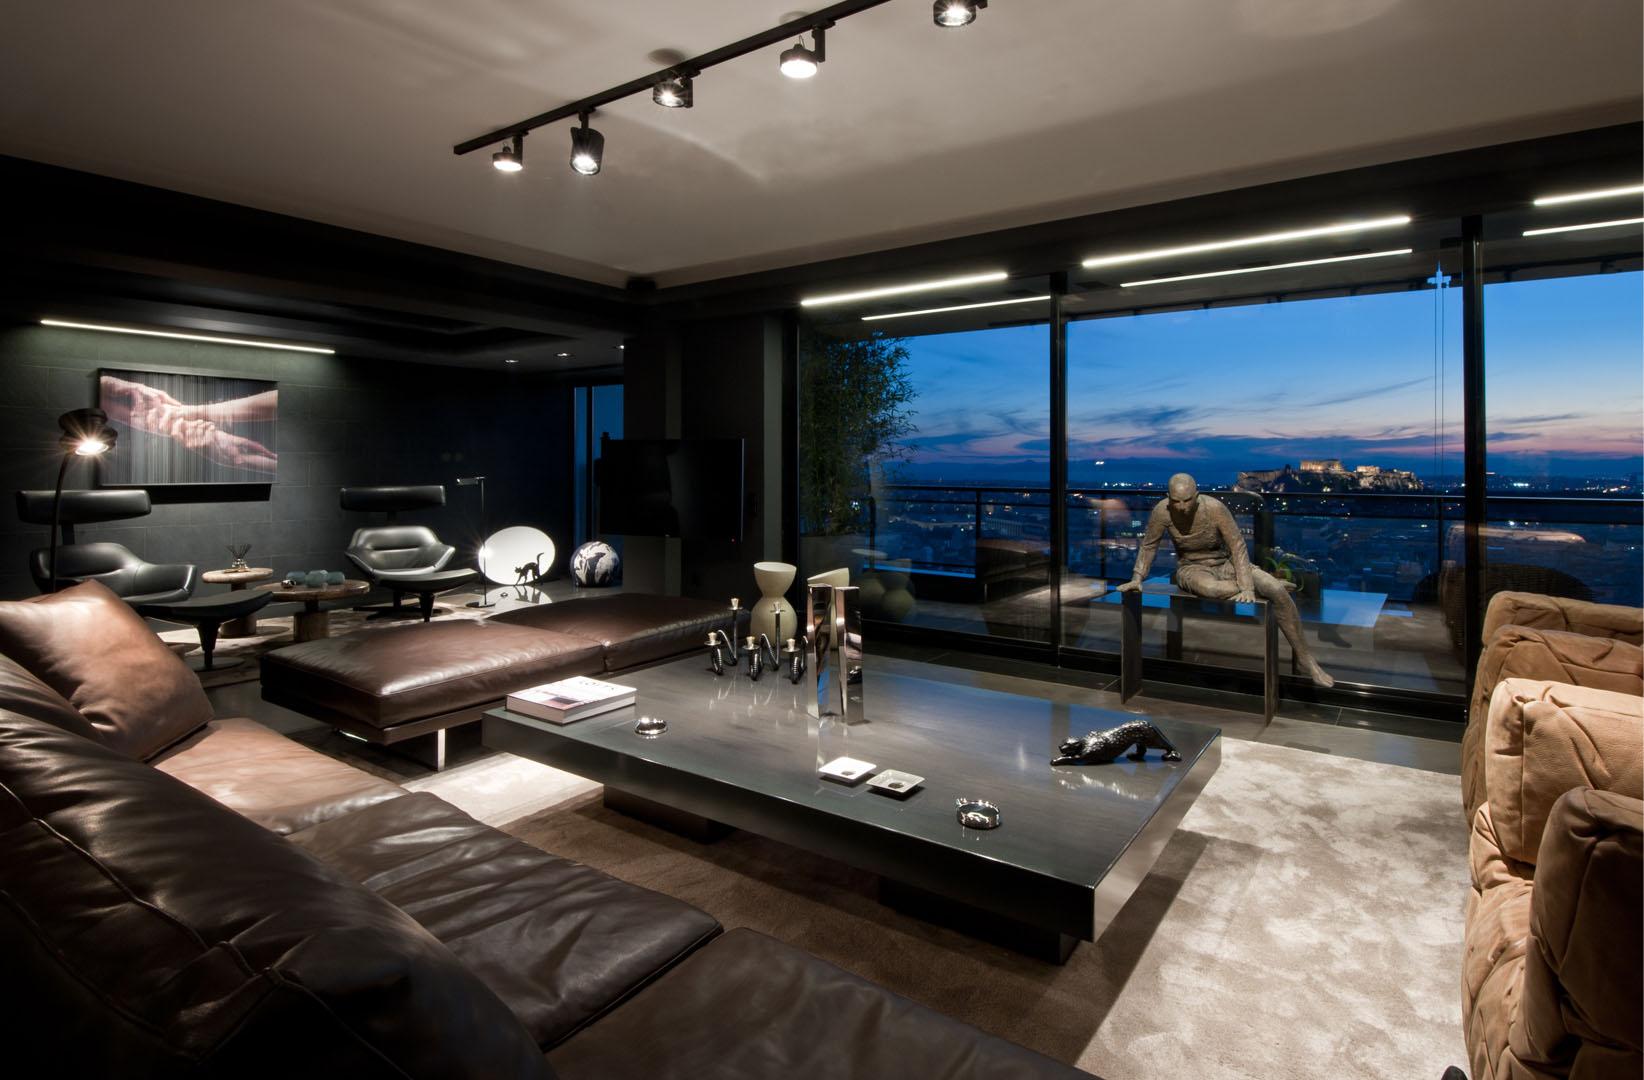 Luxury Apartment Interior Design Archives DigsDigs